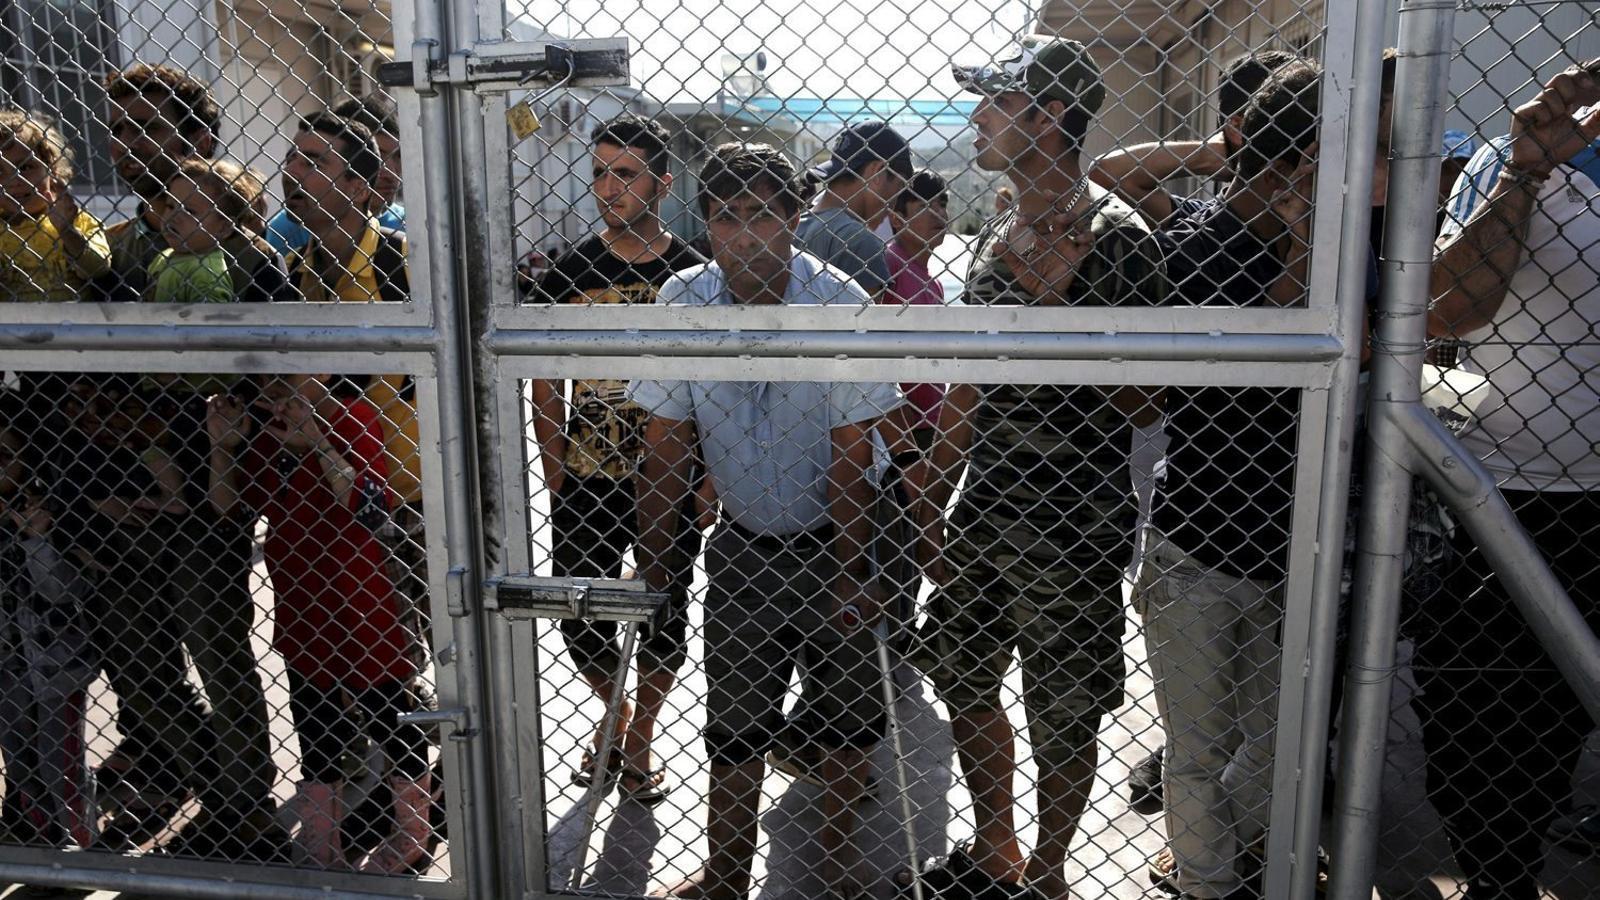 Homes atrapats a Mória, a l'illa grega de Lesbos, avui un centre de detenció.